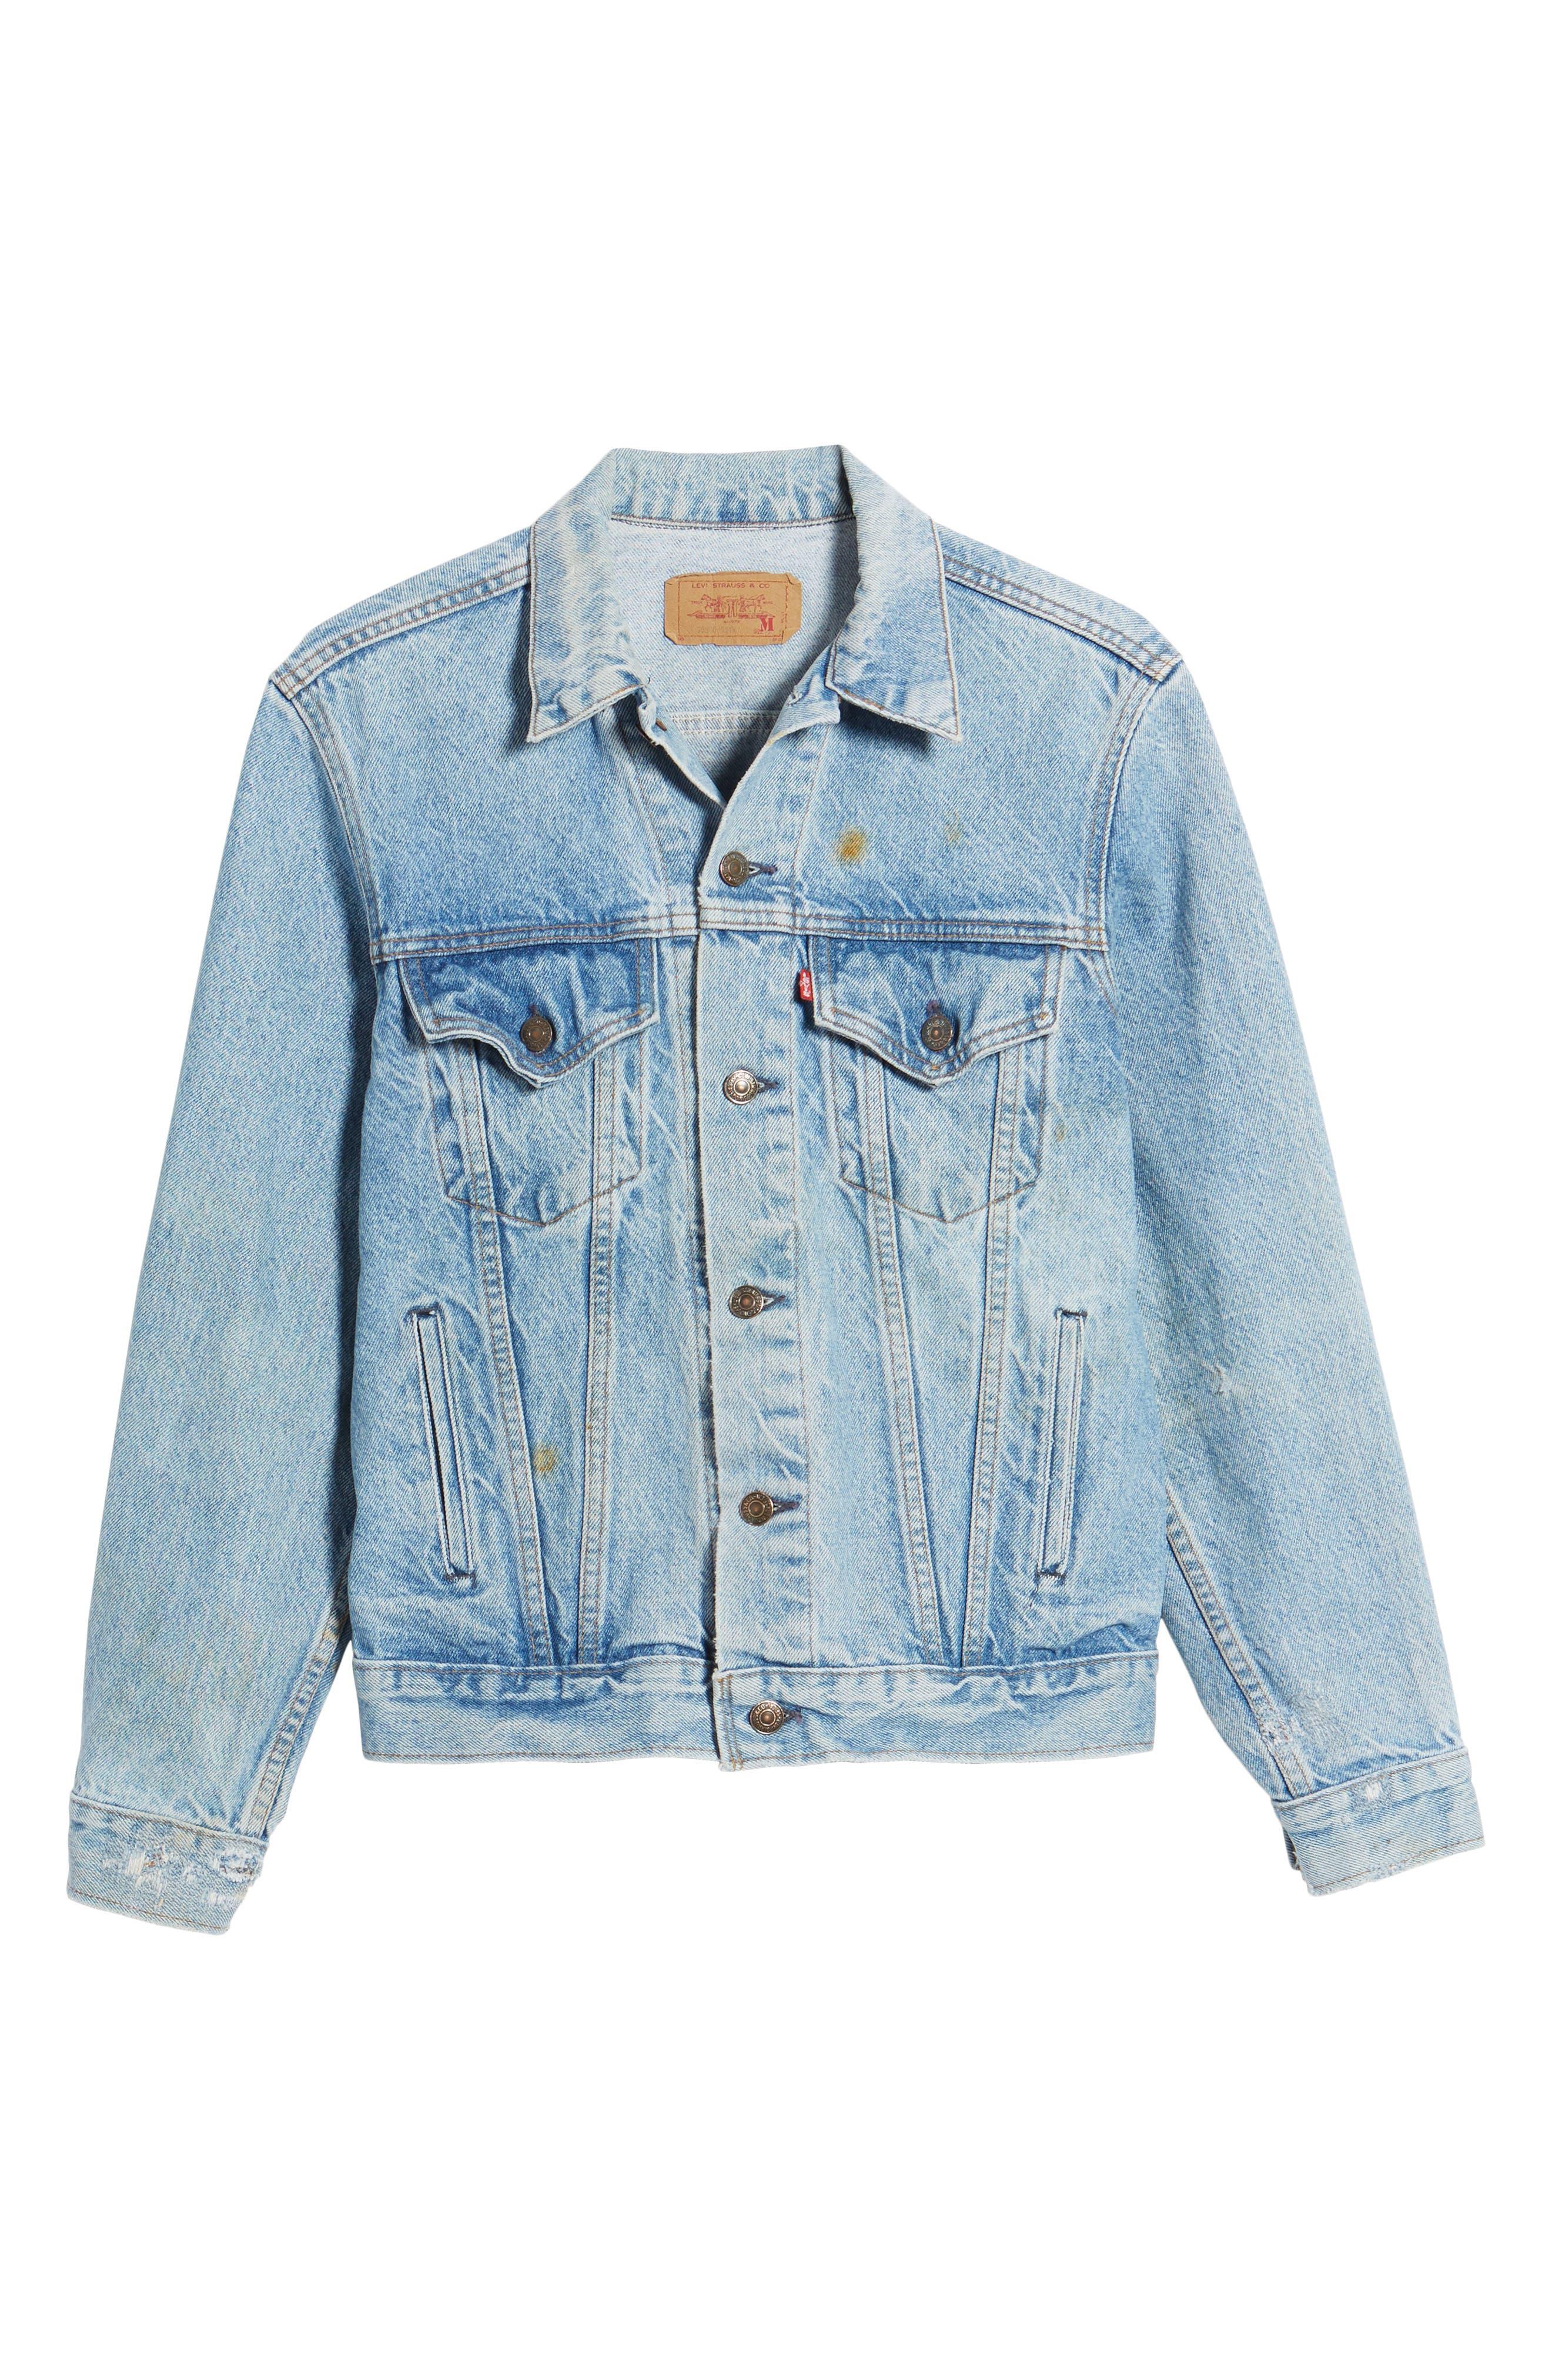 Authorized Vintage Trucker Jacket,                             Alternate thumbnail 6, color,                             Av Blue